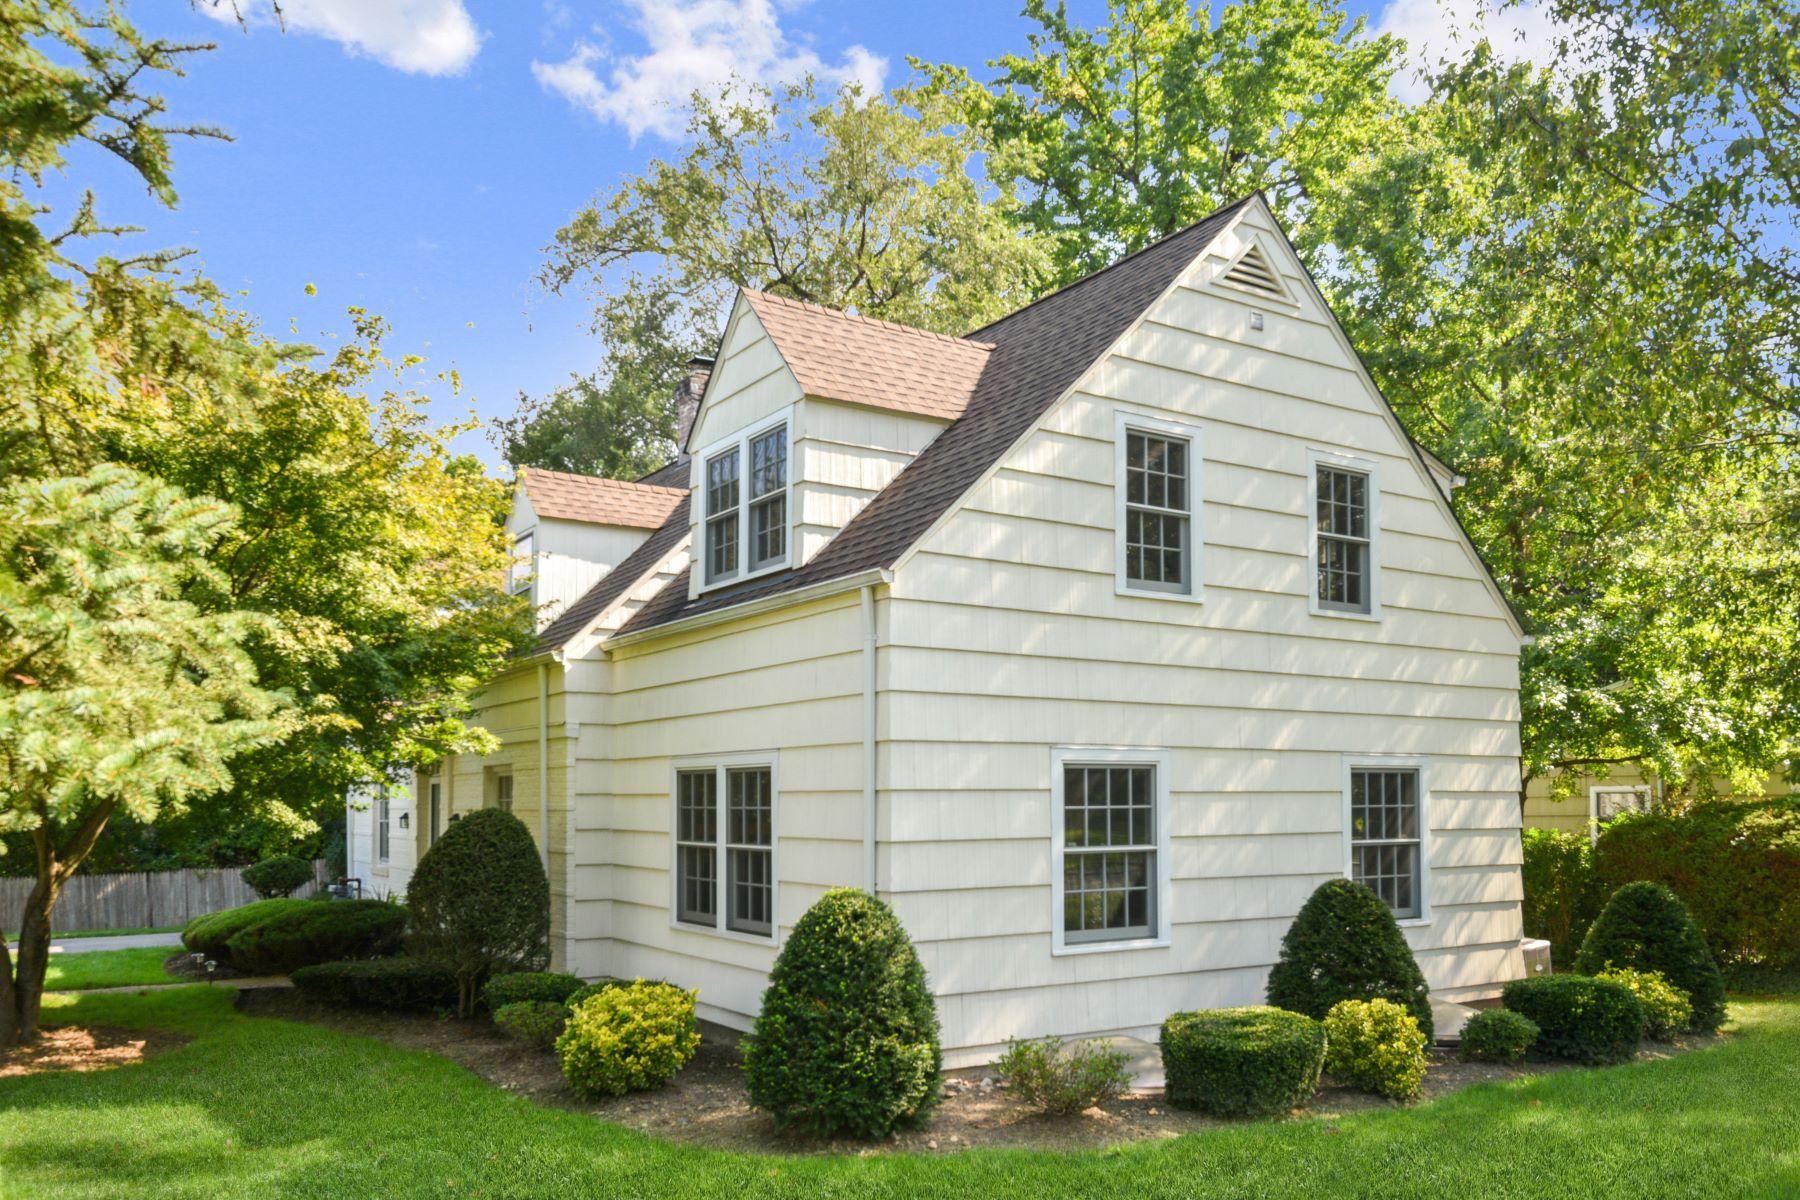 Single Family Homes für Verkauf beim Mamaroneck, New York 10543 Vereinigte Staaten